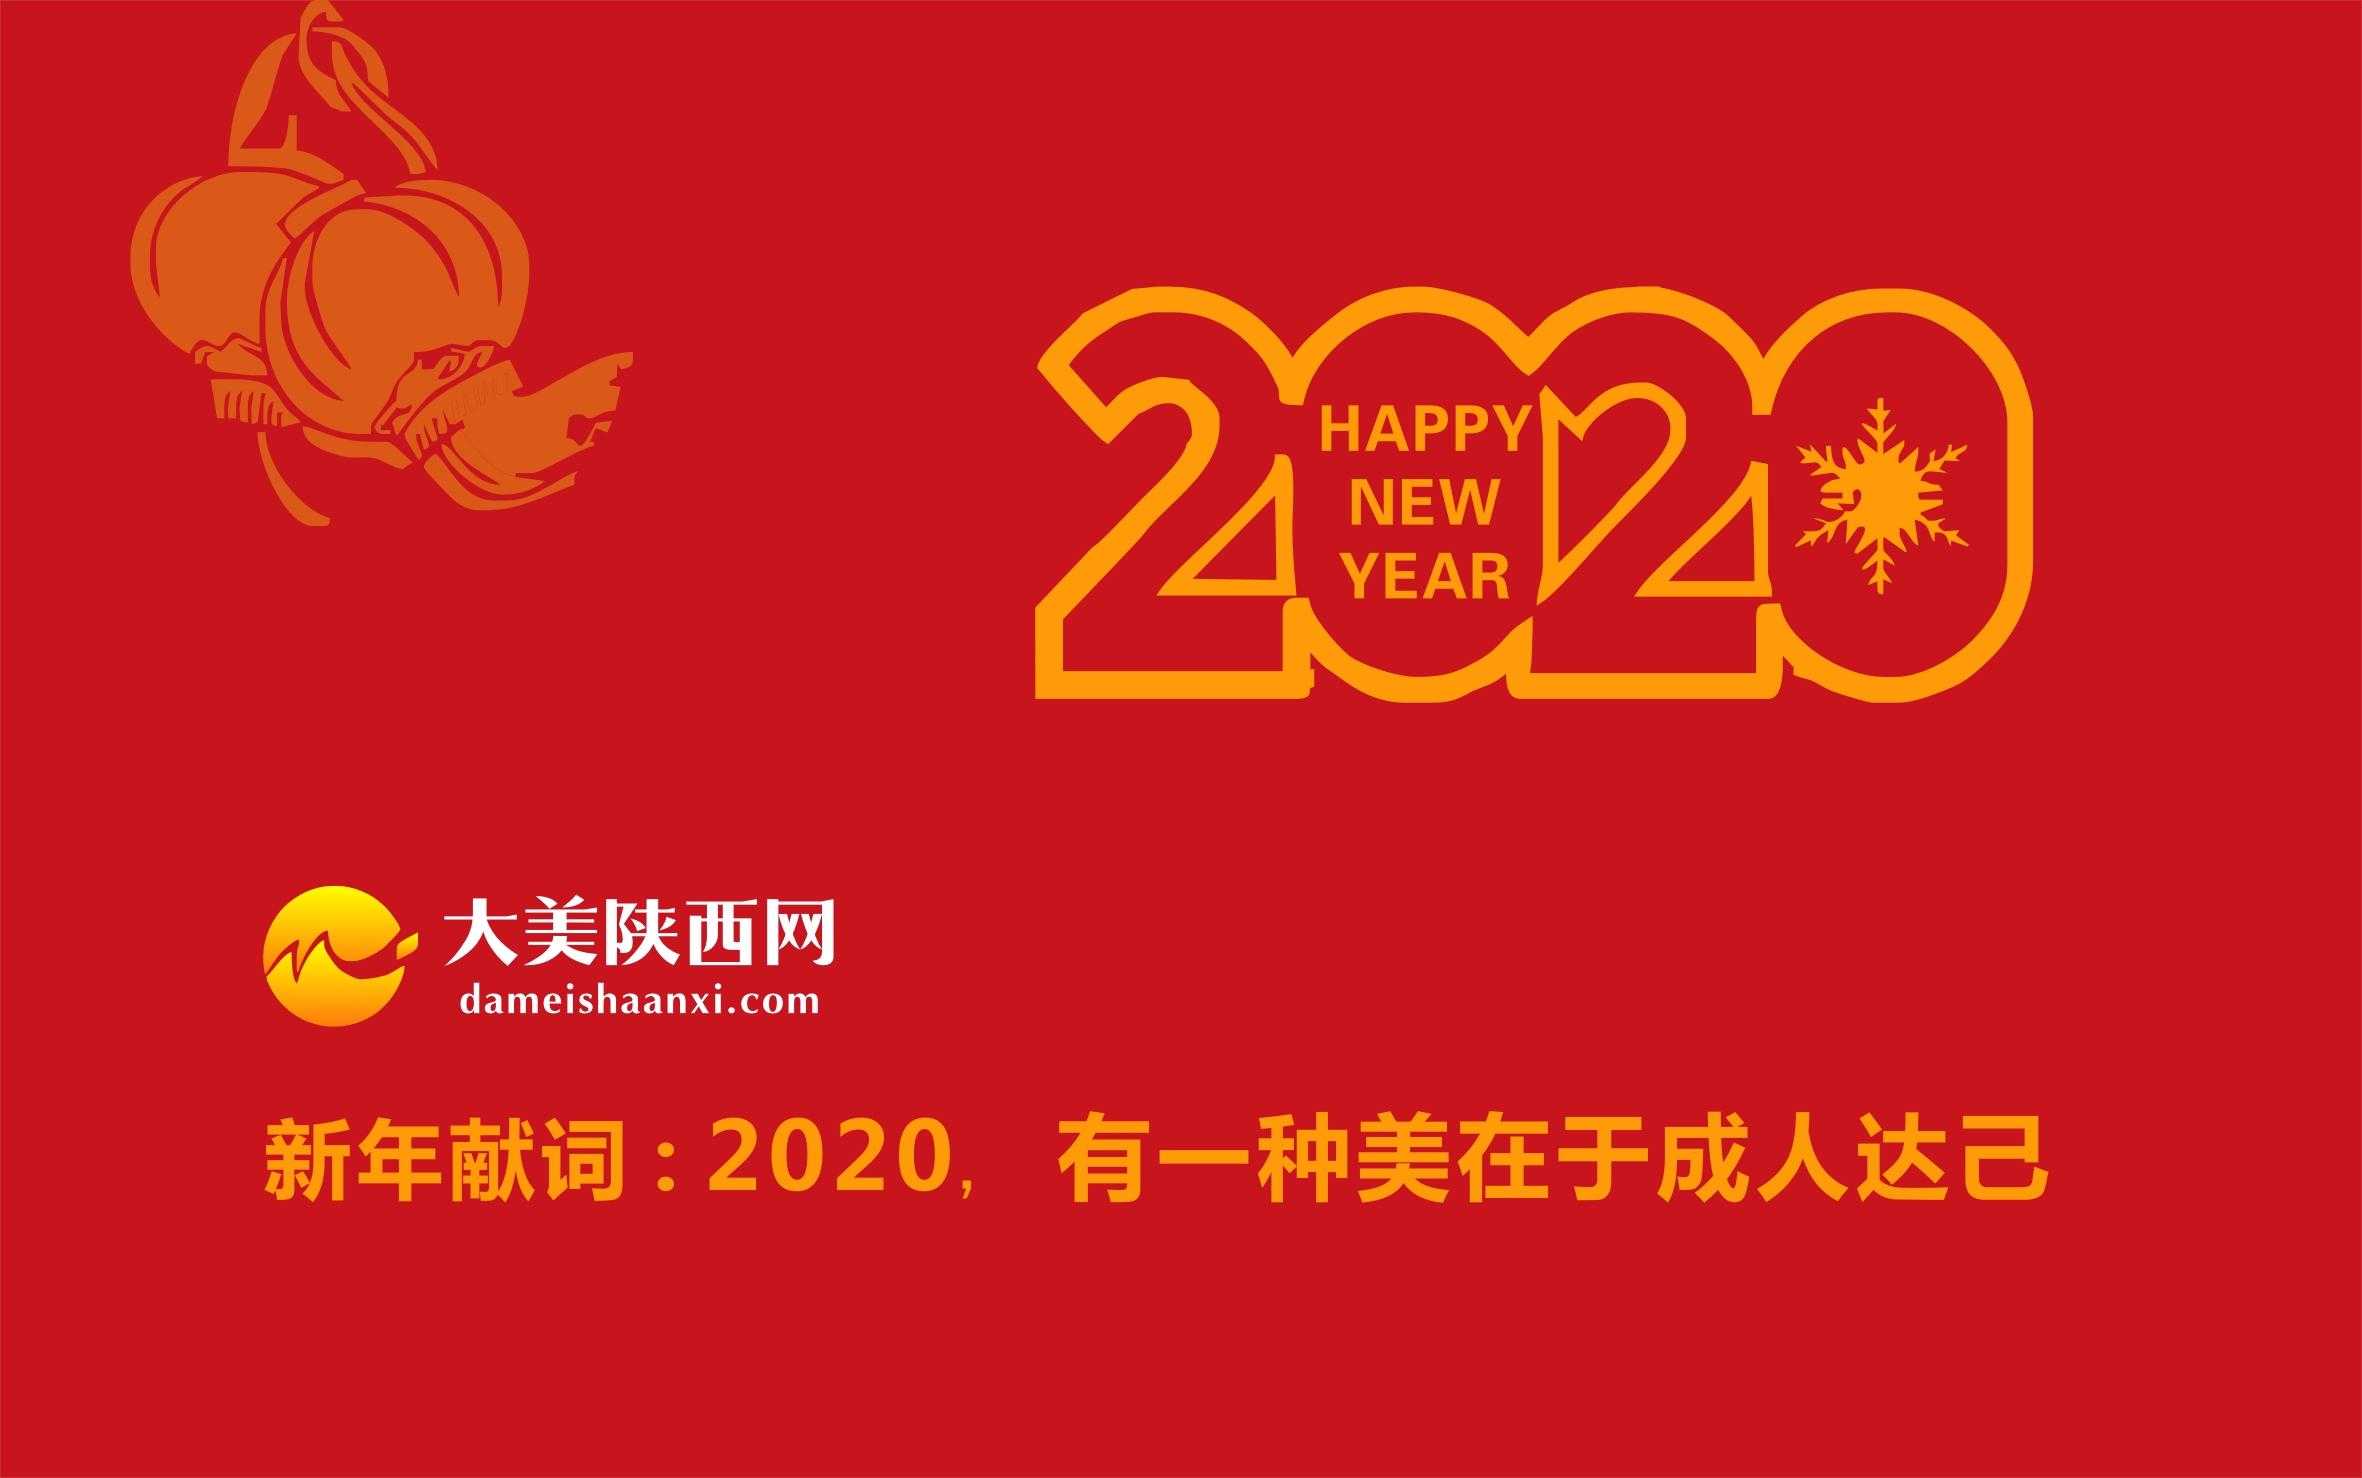 大美陕西网新年献词:2020,有一种美在于成人达己